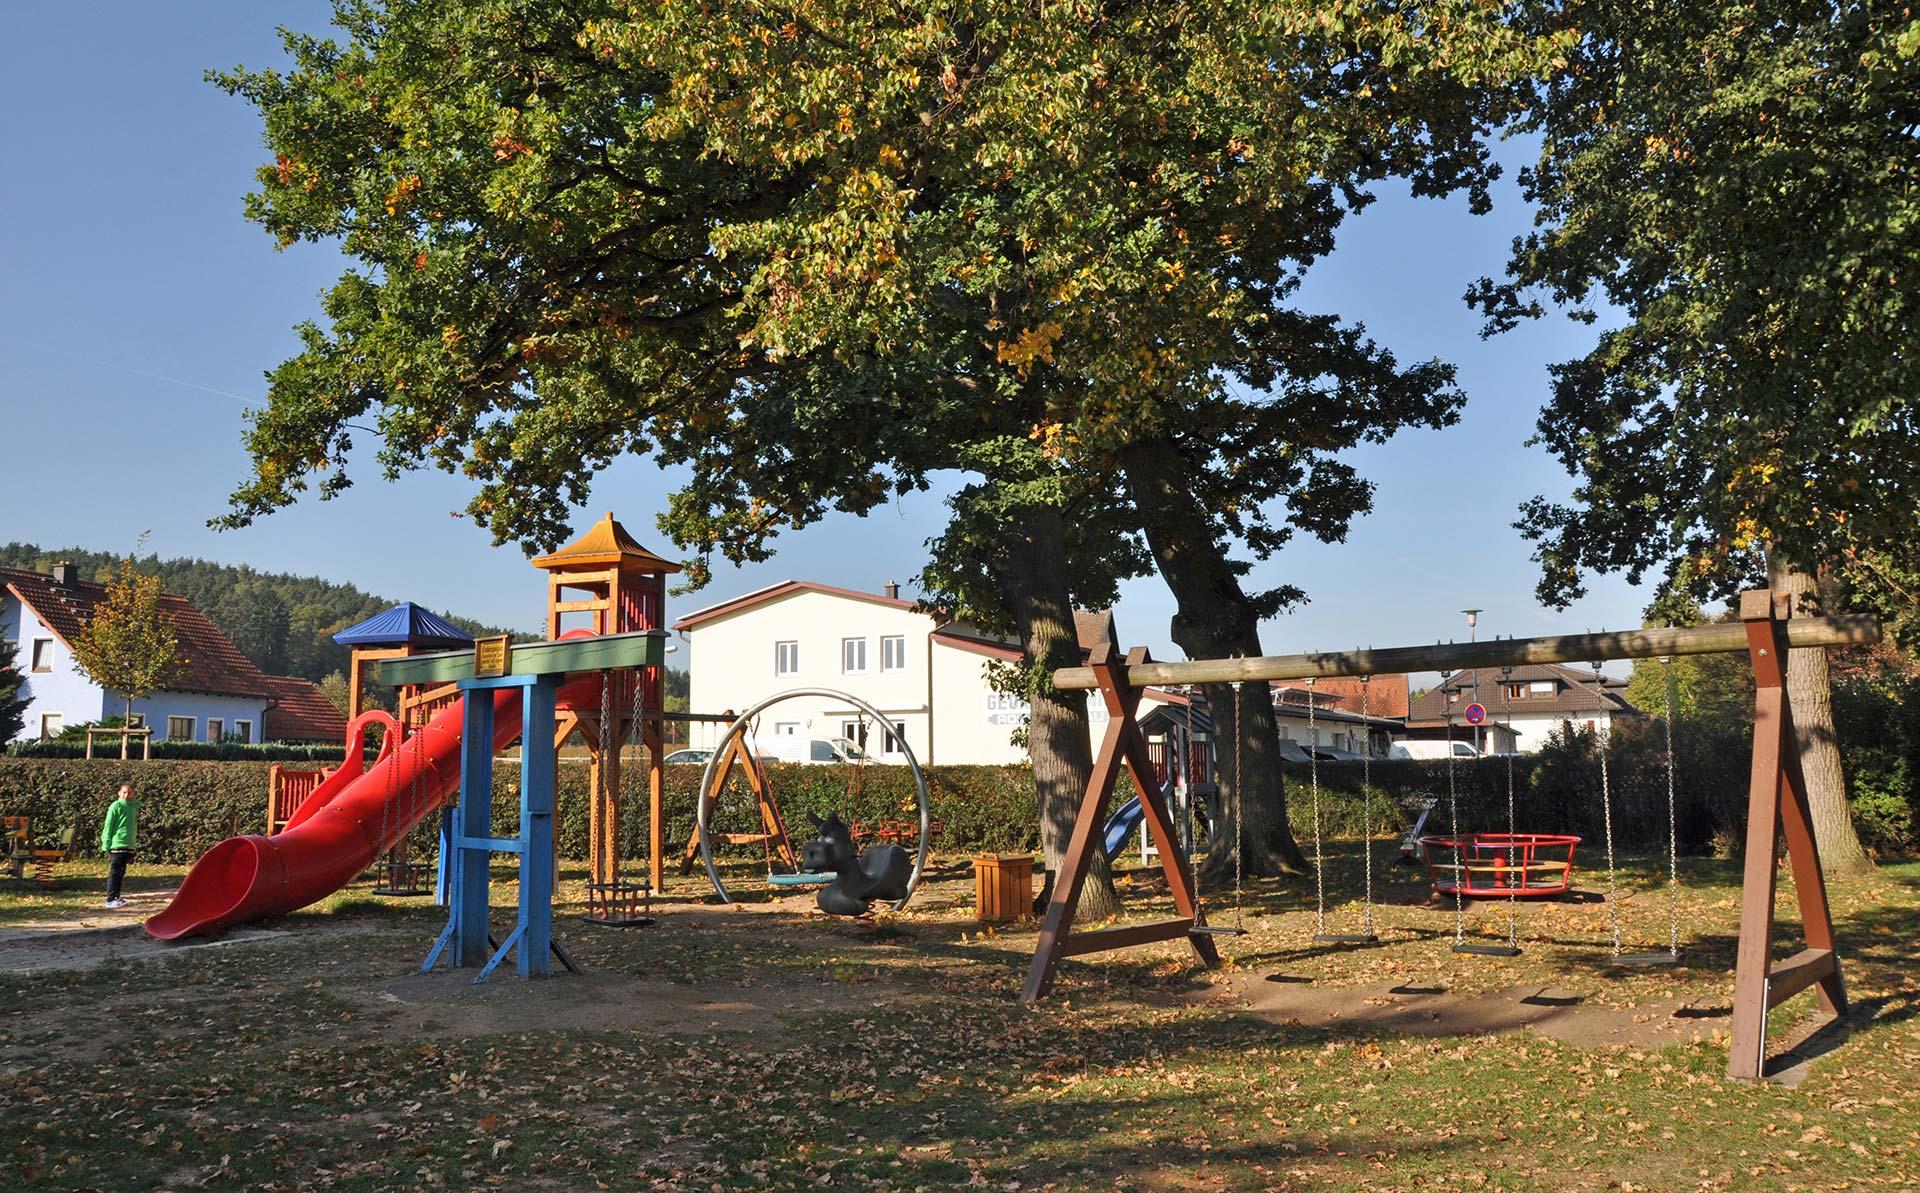 Gasthaus Kopf Idyllischer Biergarten Grosser Kinderspielplatz